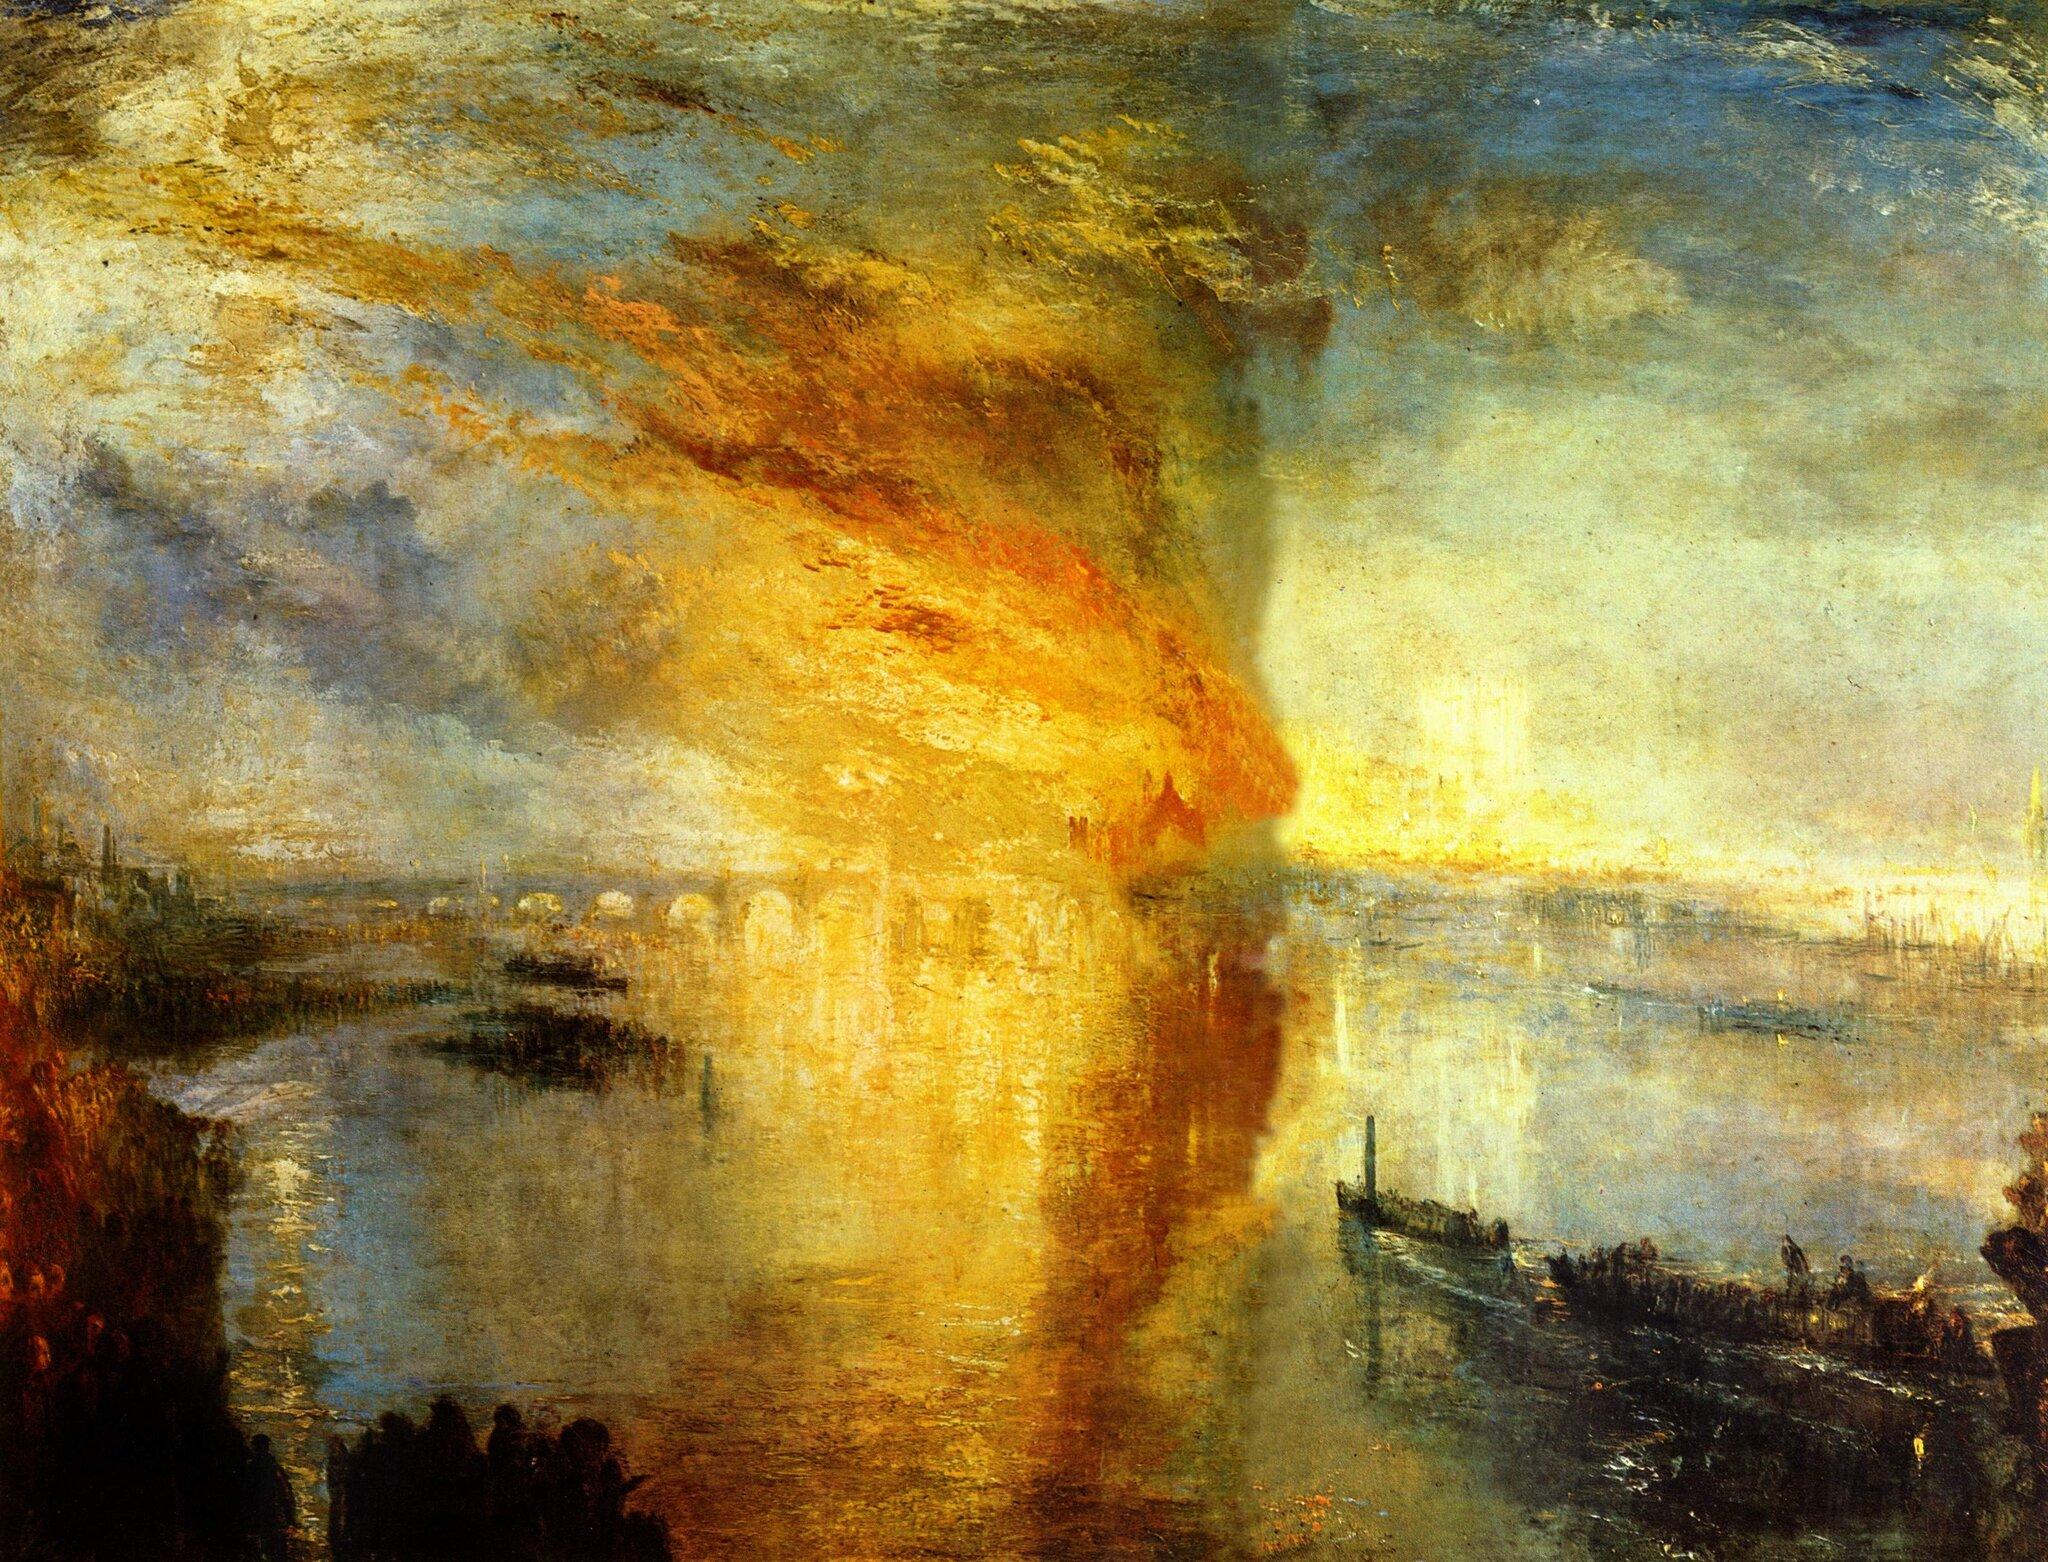 Pożar parlamentu londyńskiego Źródło: William Turner, Pożar parlamentu londyńskiego, 1835, olej na płótnie, Cleveland Museum of Art, domena publiczna.